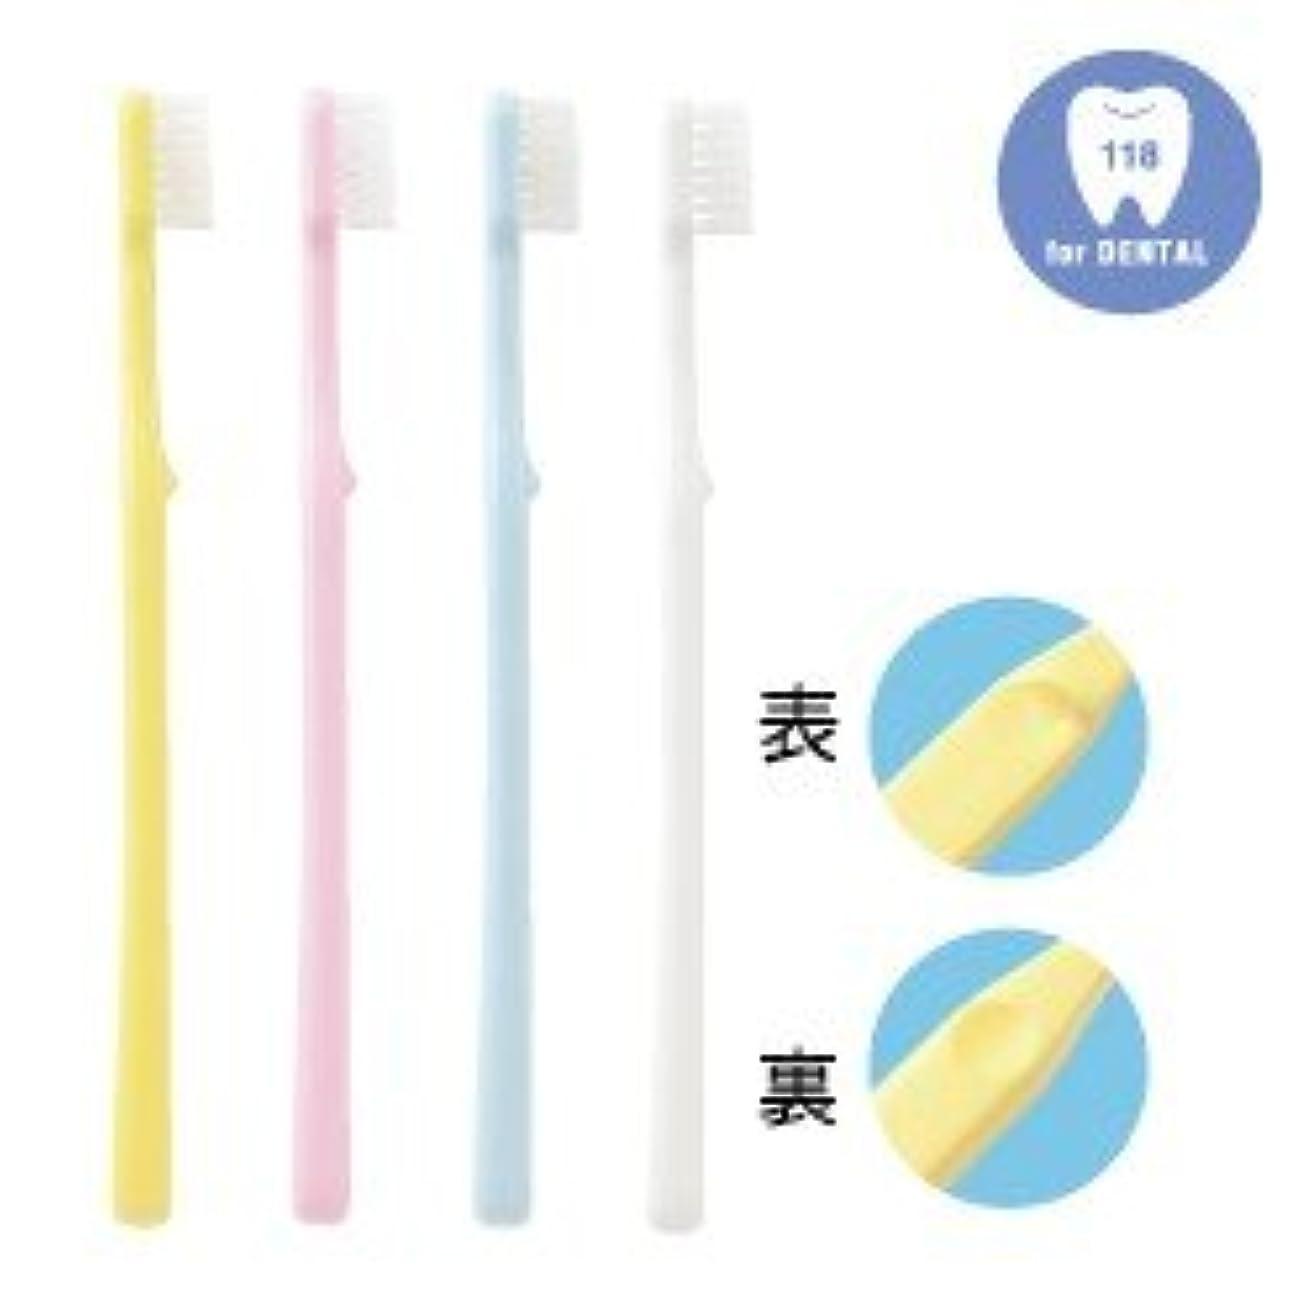 画像憧れ範囲歯科専用歯ブラシ フォーカス 子供用 118シリーズ M(ふつう) 20本